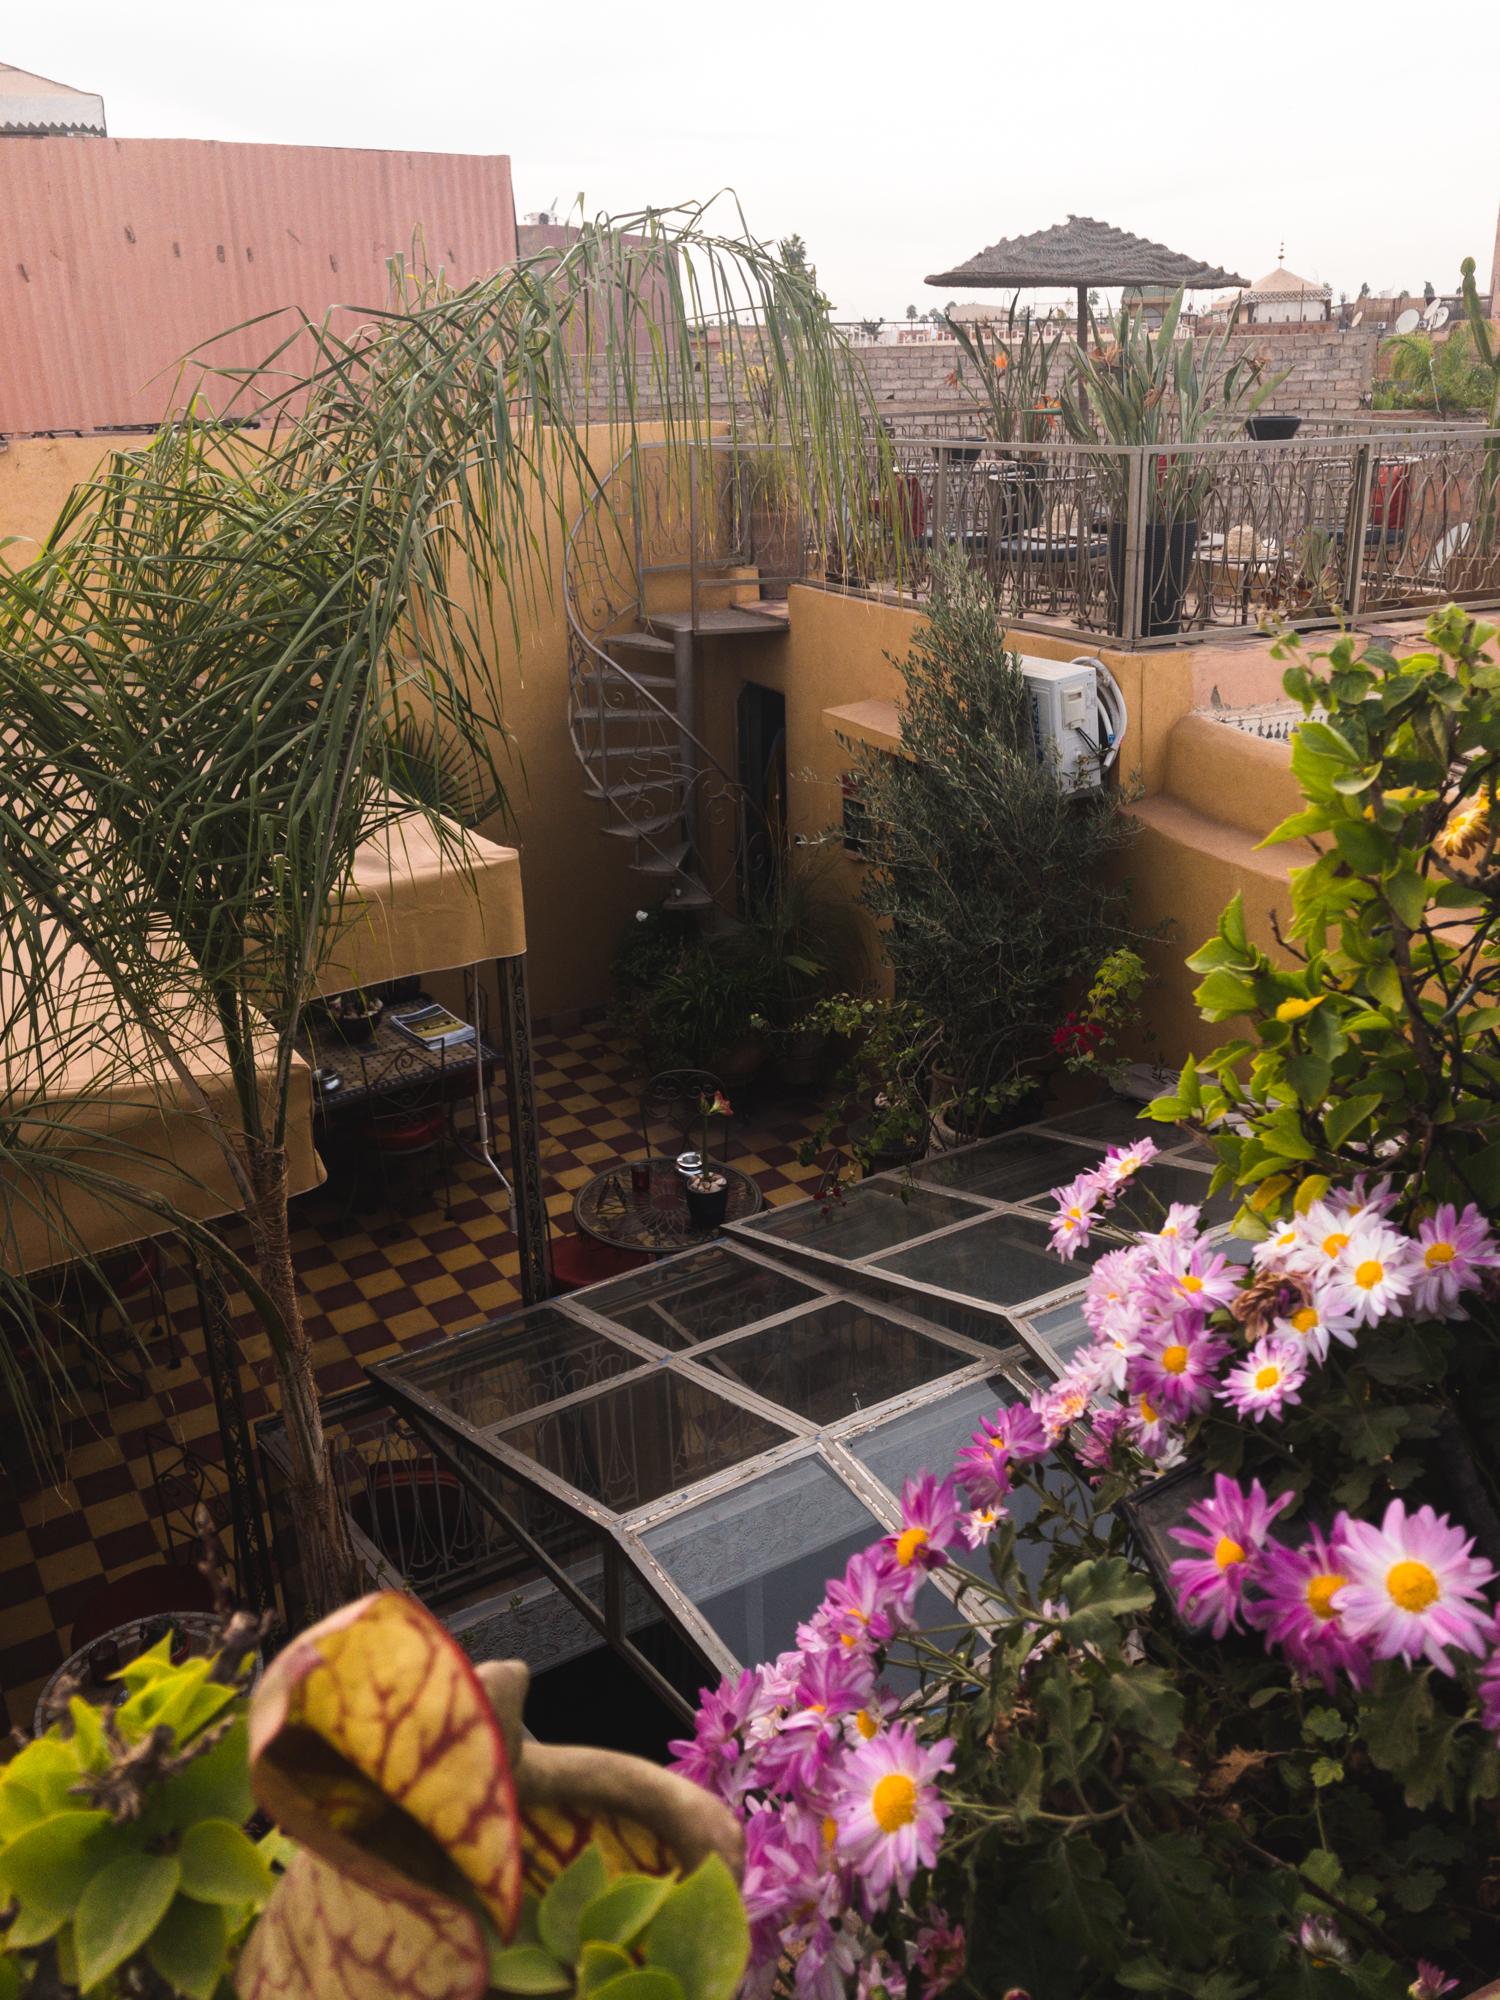 Marrakech_iPhone8+_Photos - Blog_Photos-61.jpg